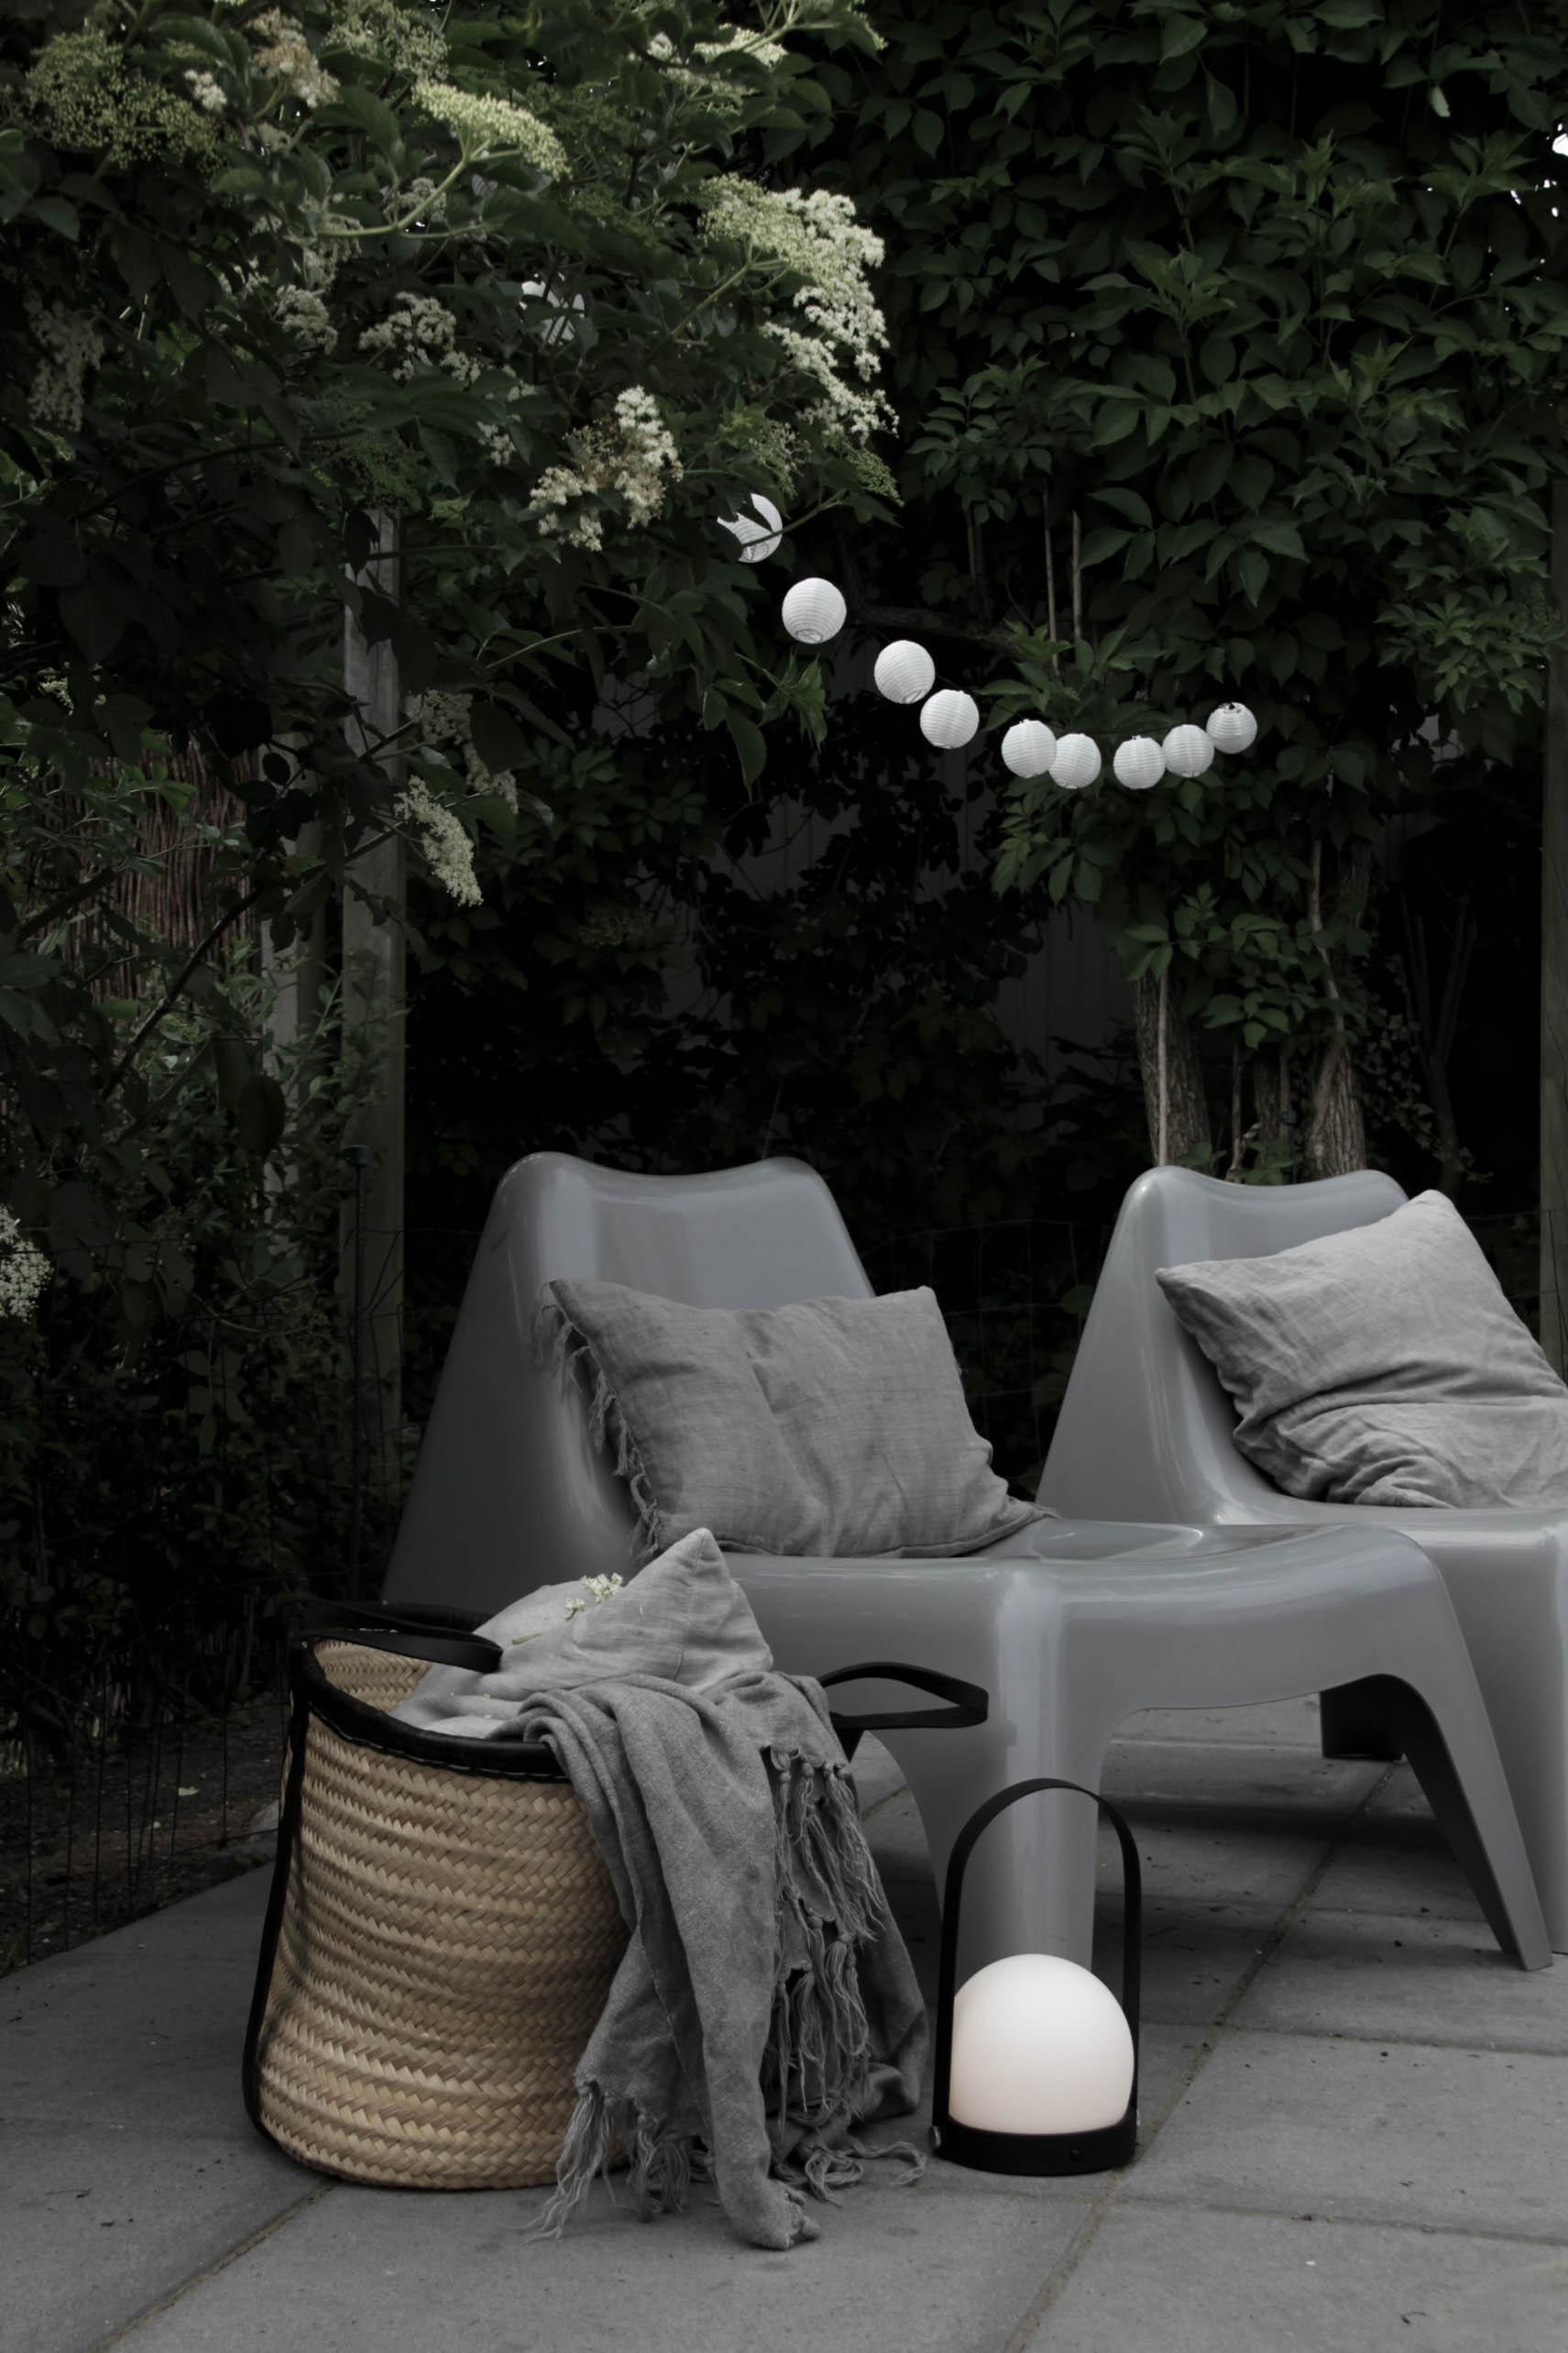 tuinverlichting inspiratie vloerlampen-2